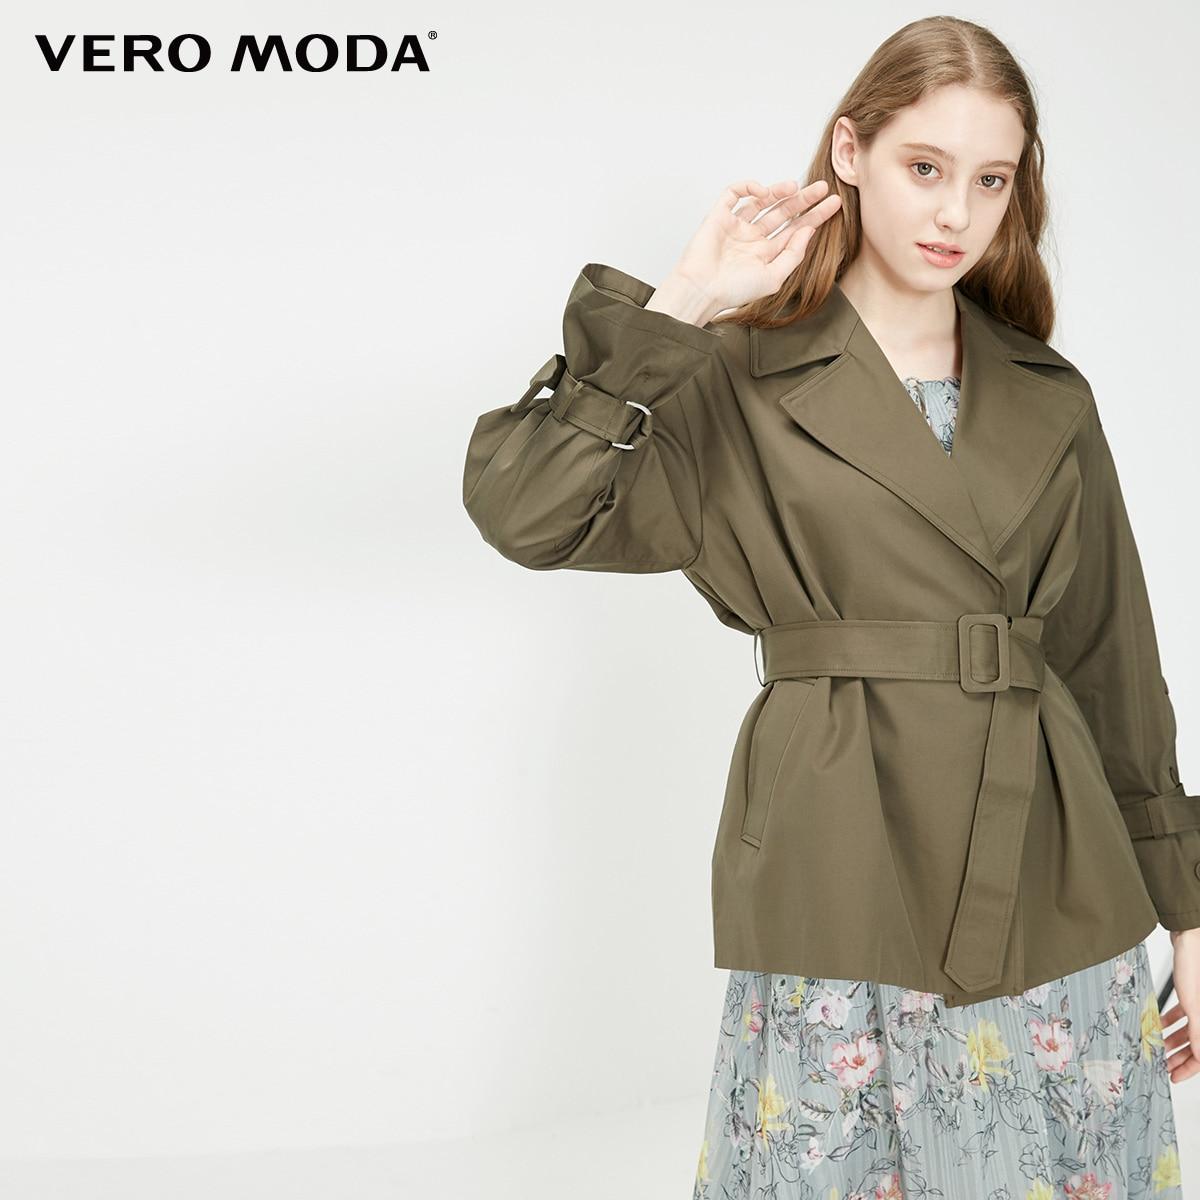 Gabardina corta con botones decorativos de algodón 100% para mujer de Vero Moda | 319117514 - 2